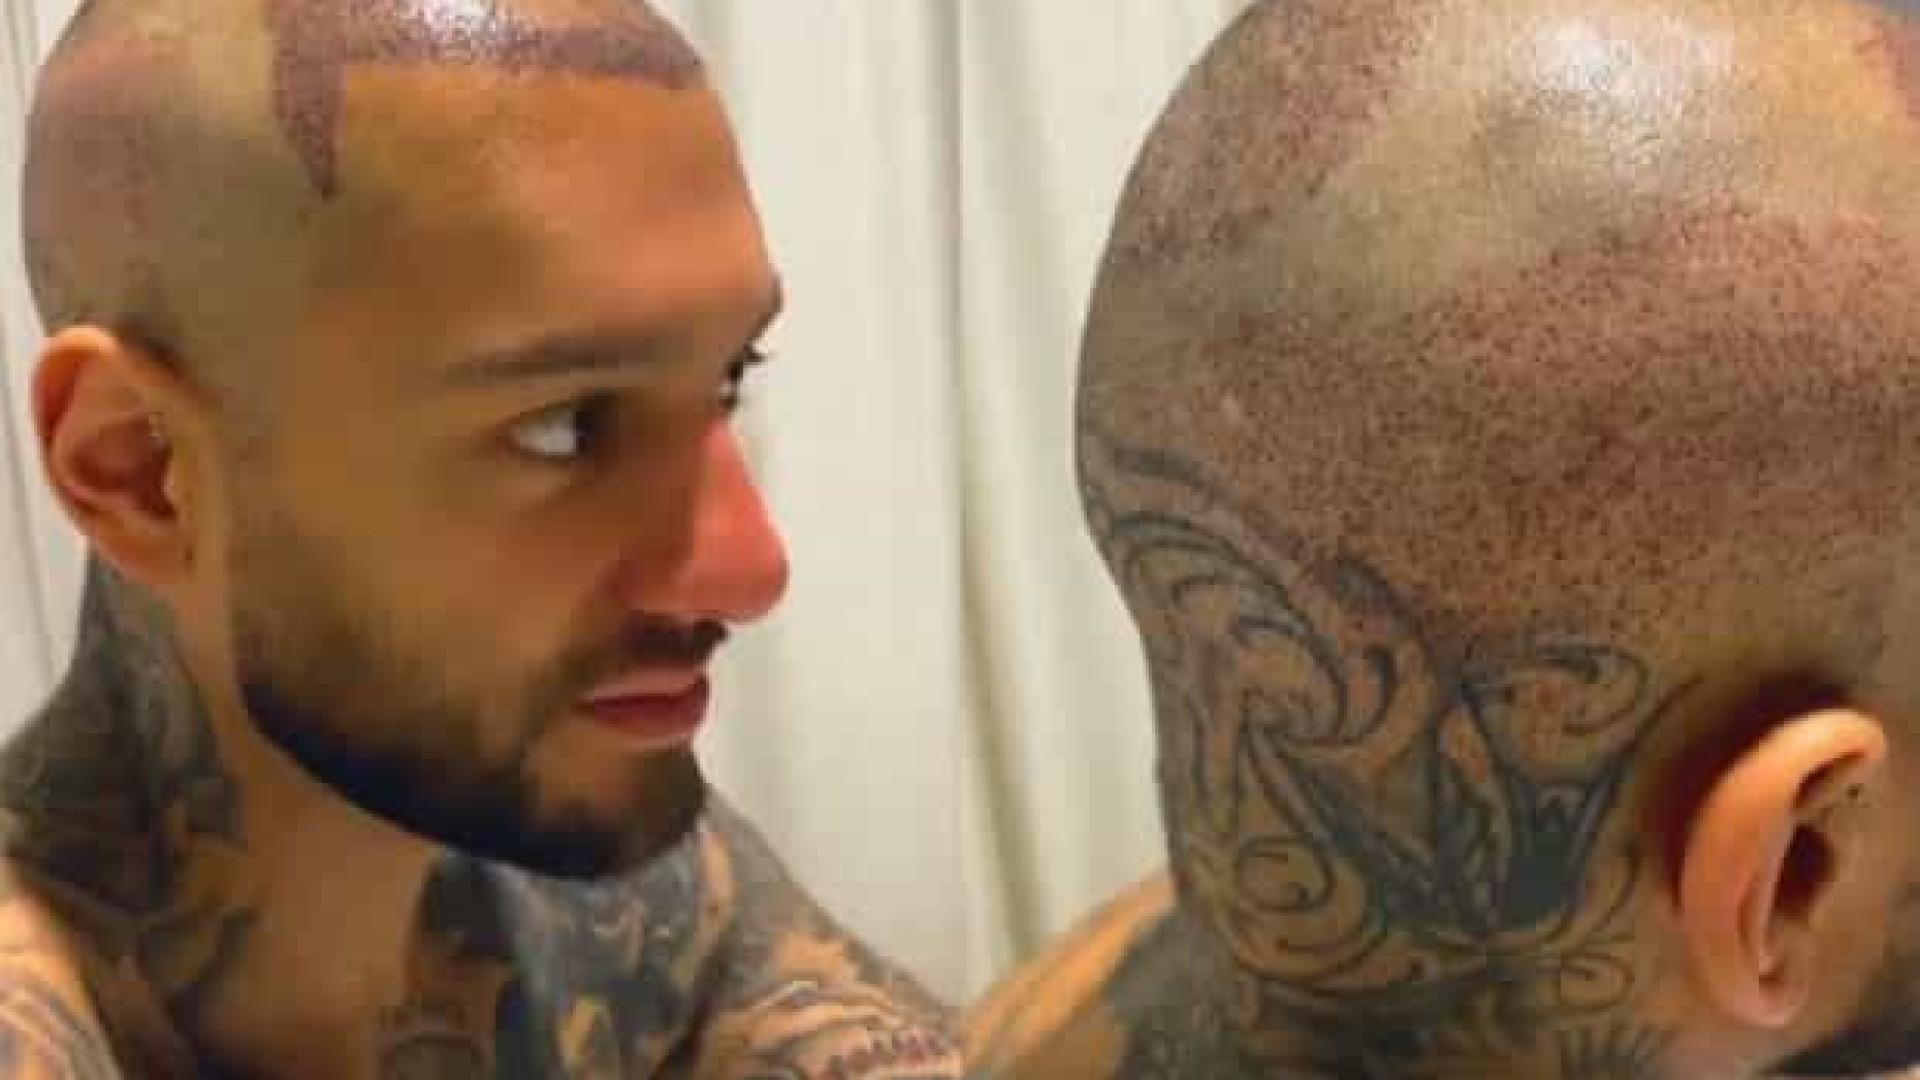 Lucas Lucco aparece careca e revela que fez implante capilar